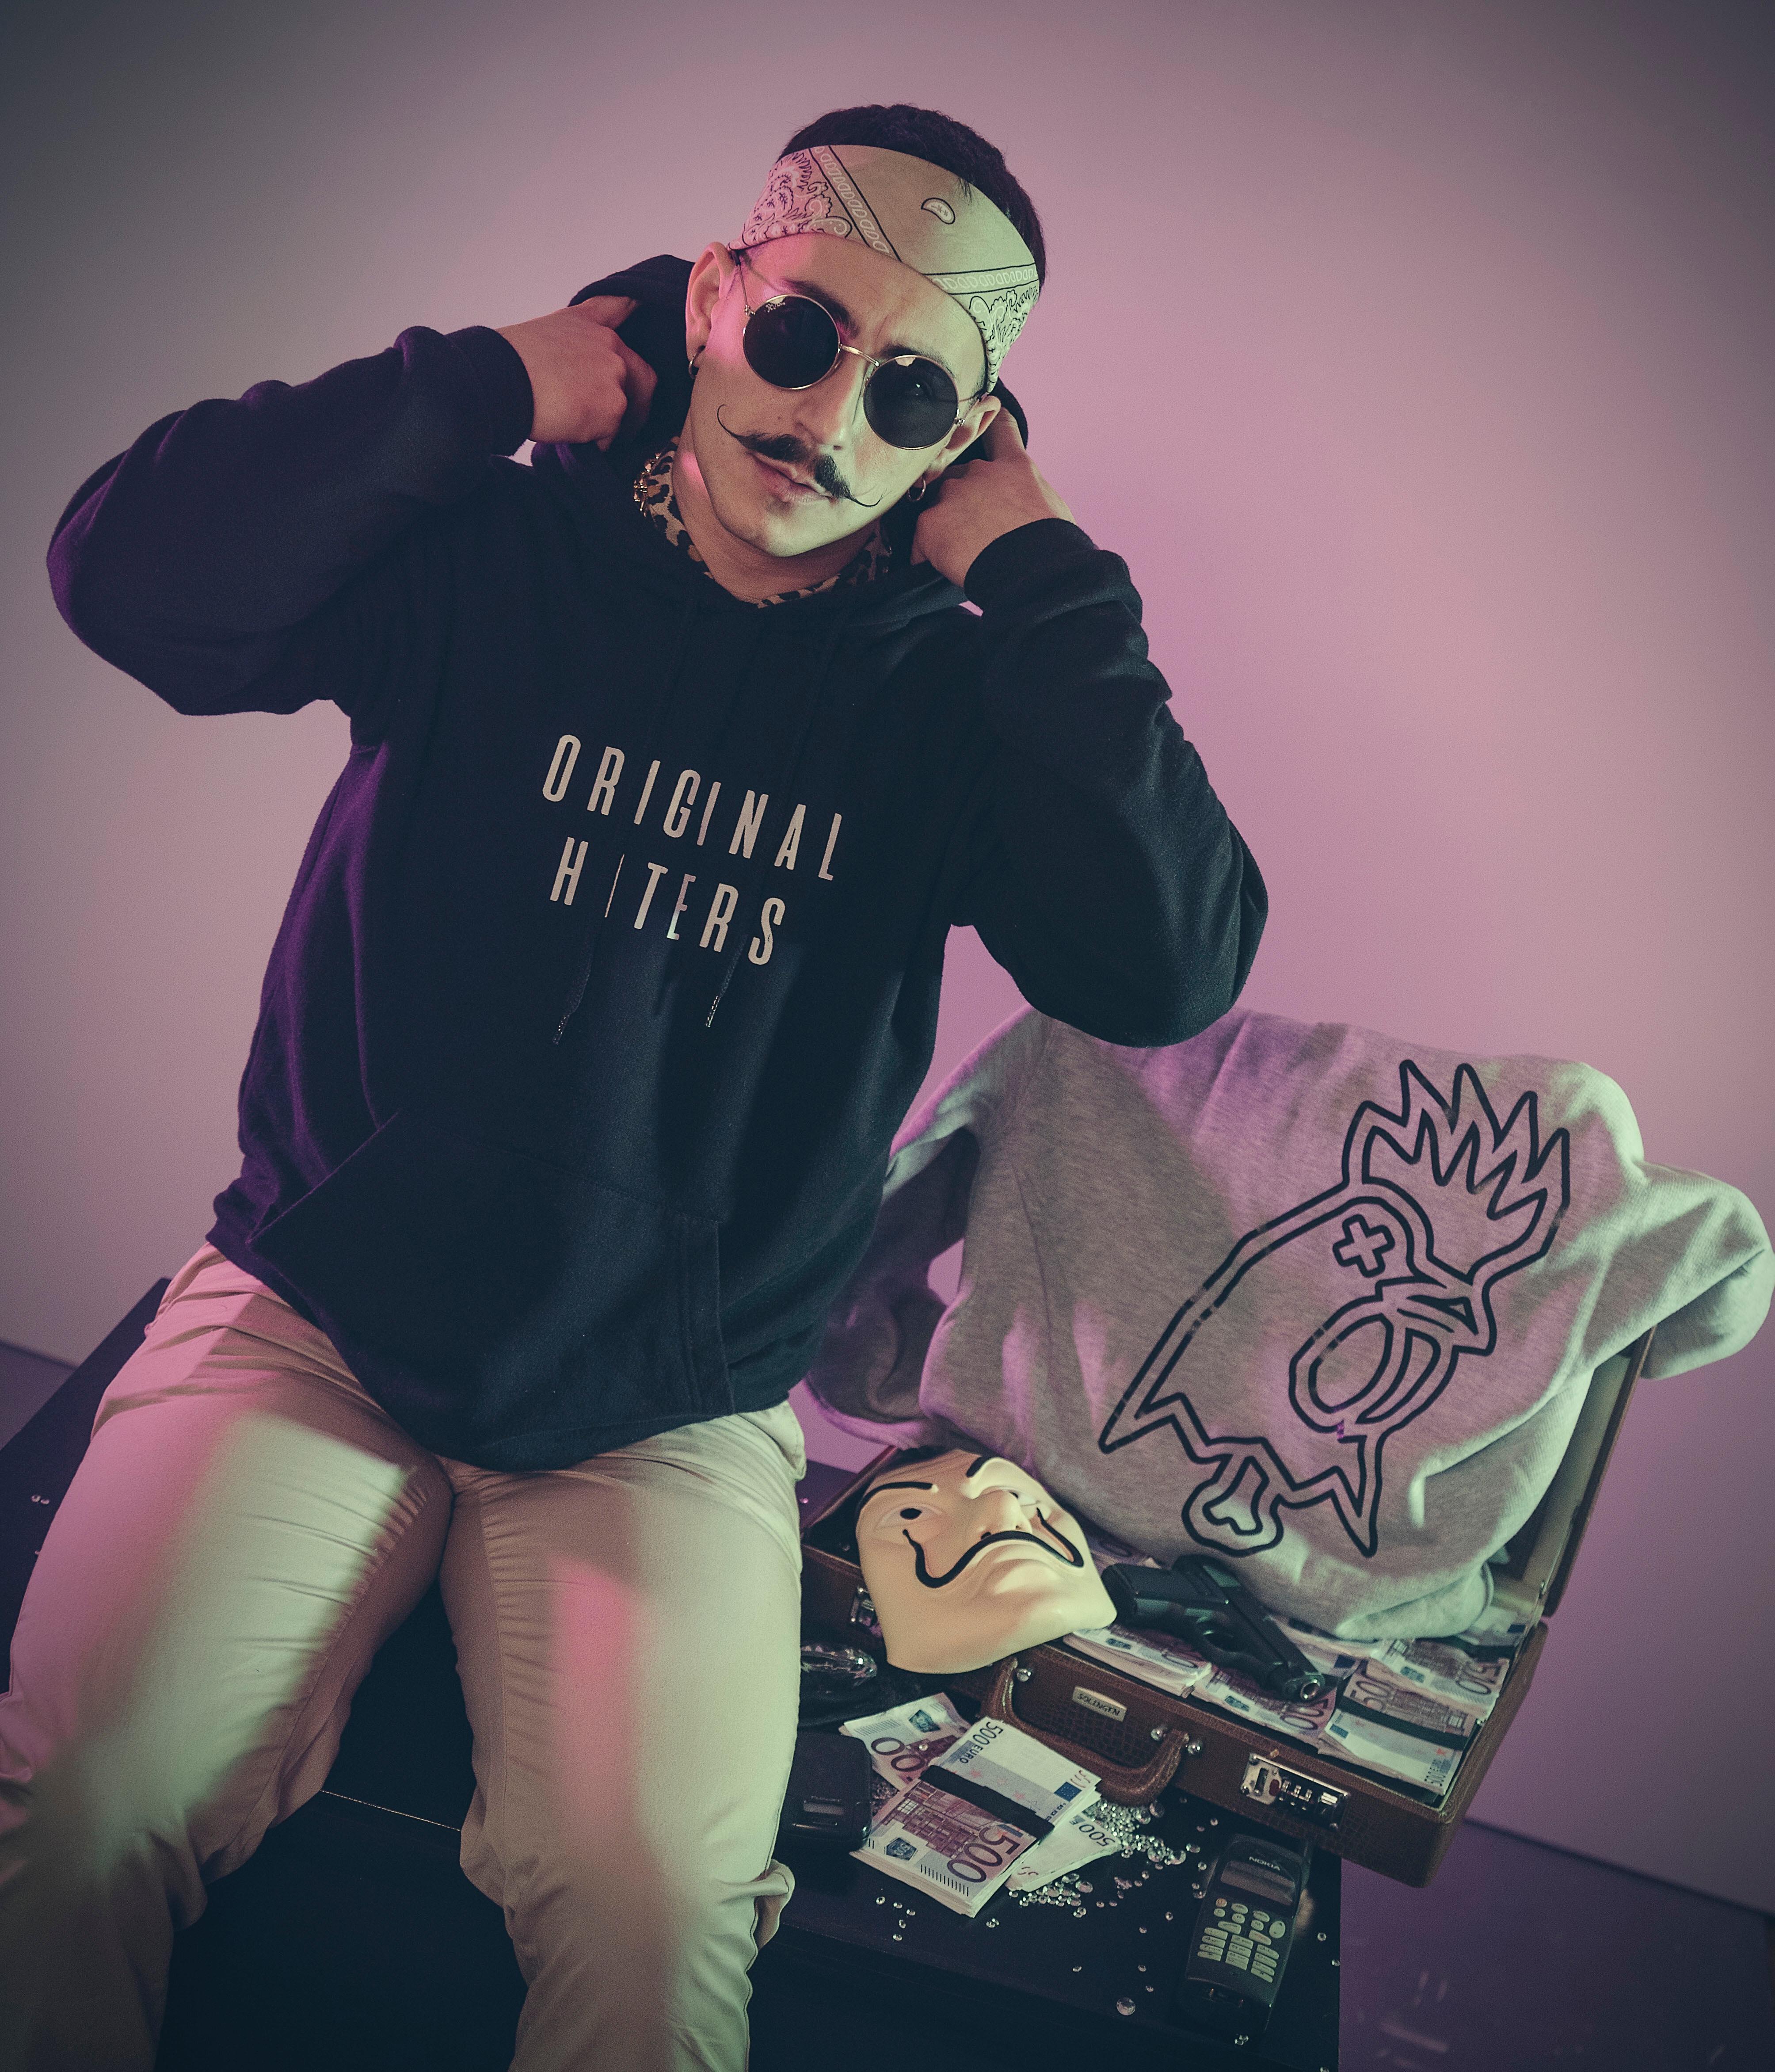 IMG 5906 - Wanna Dee lanza 'Rich' junto a su colección de sudaderas Original Haters